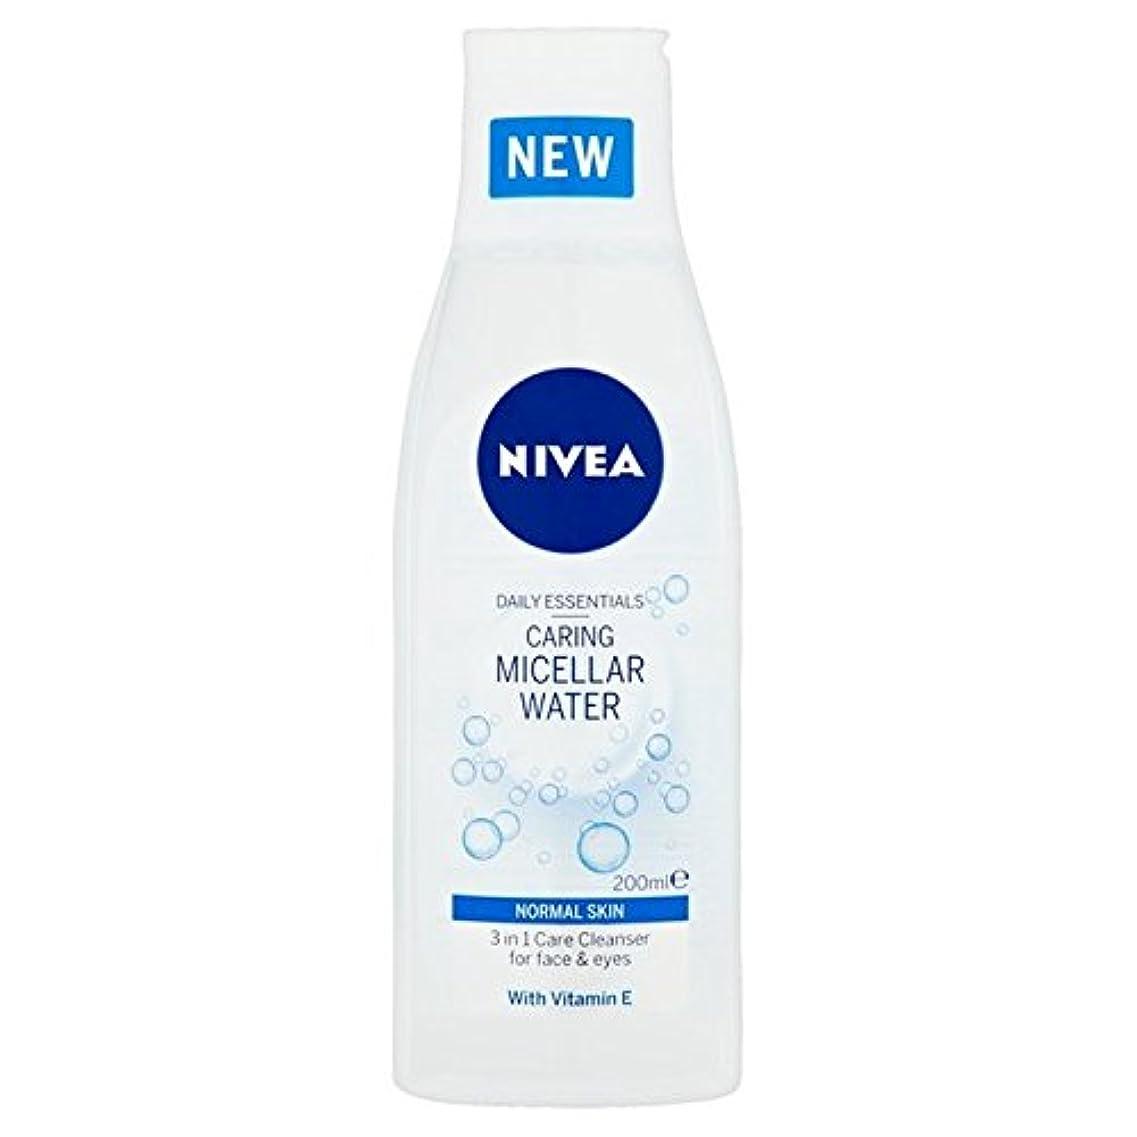 機関勃起複数Nivea 3 in 1 Sensitive Caring Micellar Water Normal Skin 200ml - 1つの敏感な思いやりのあるミセル水の正常な皮膚の200ミリリットルでニベア3 [並行輸入品]